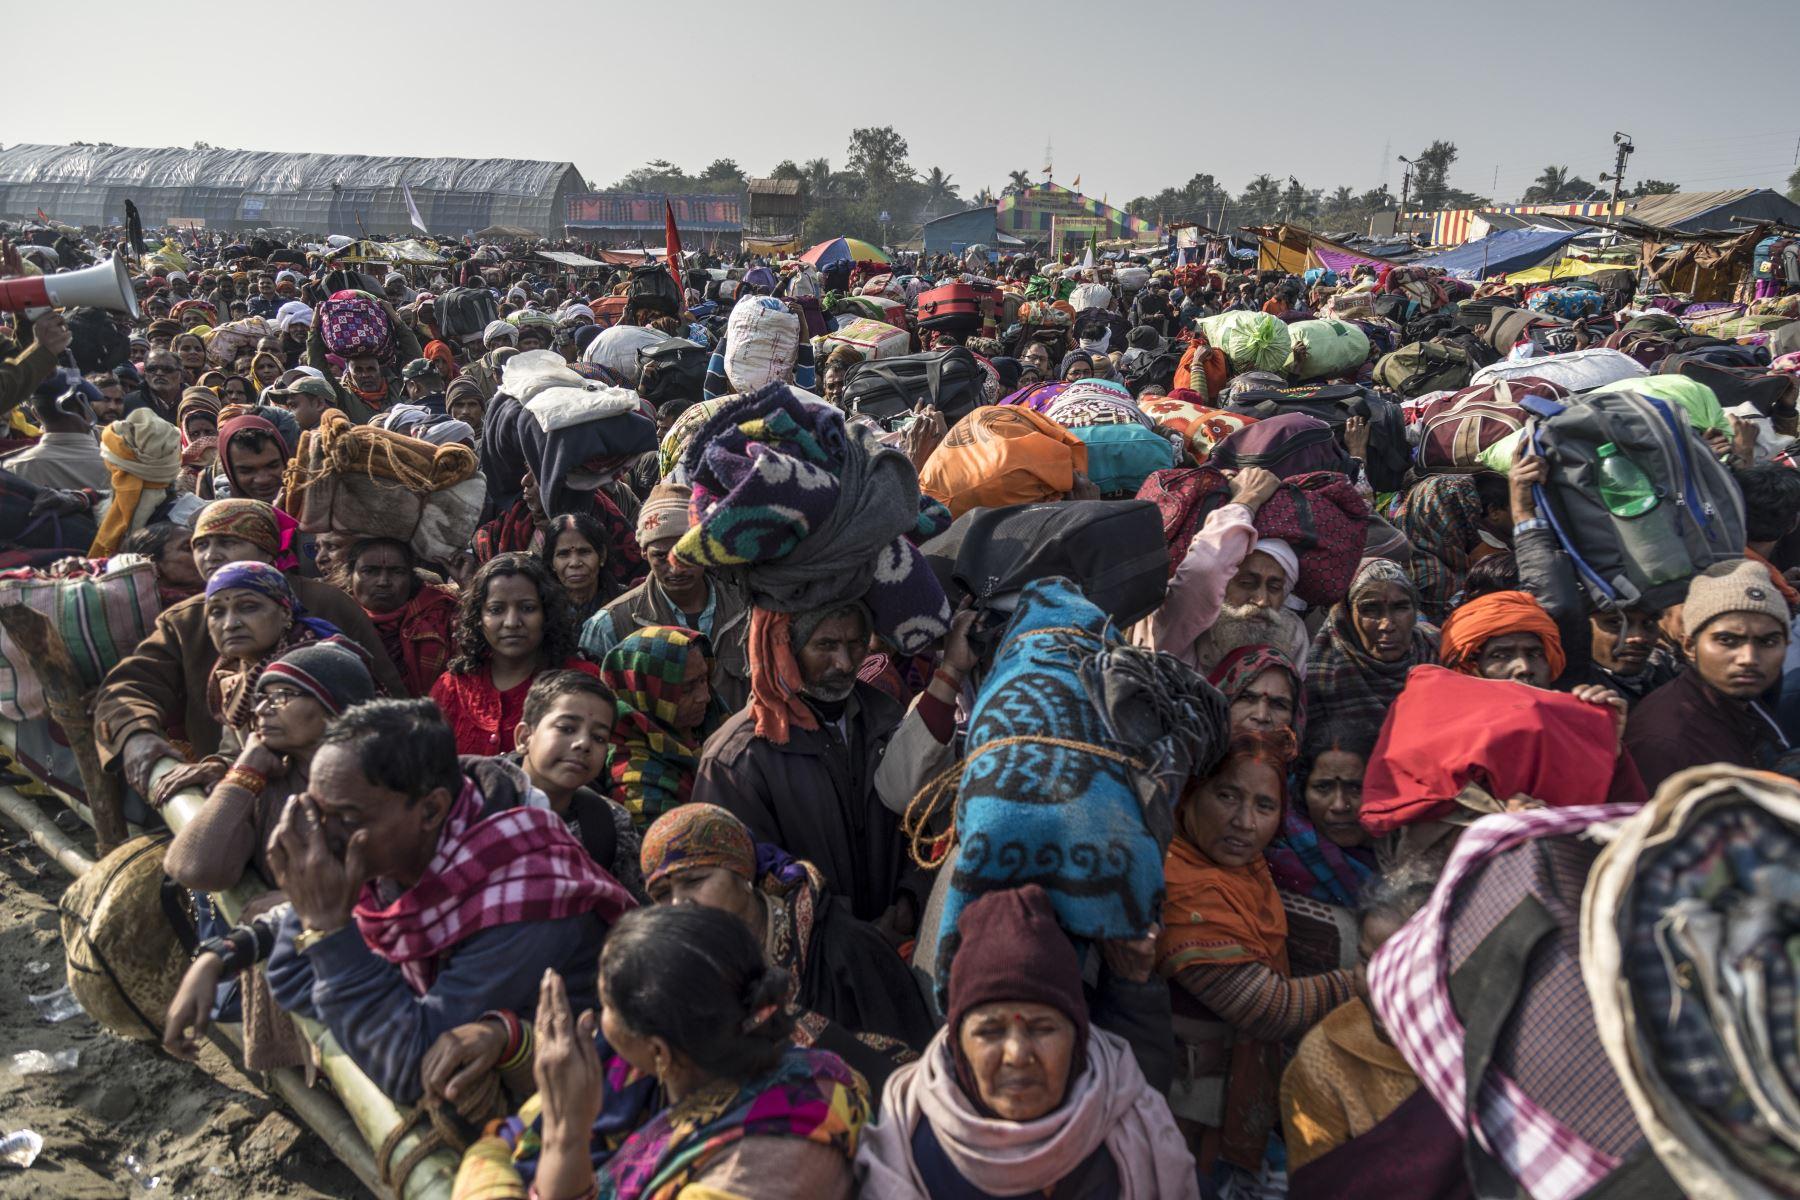 Devotos hindúes esperan para abordar los ferrys con destino a la isla Sagar para asistir a Gangasagar Mela, a unos 90 kilómetros al sur de Calcuta. Foto: AFP